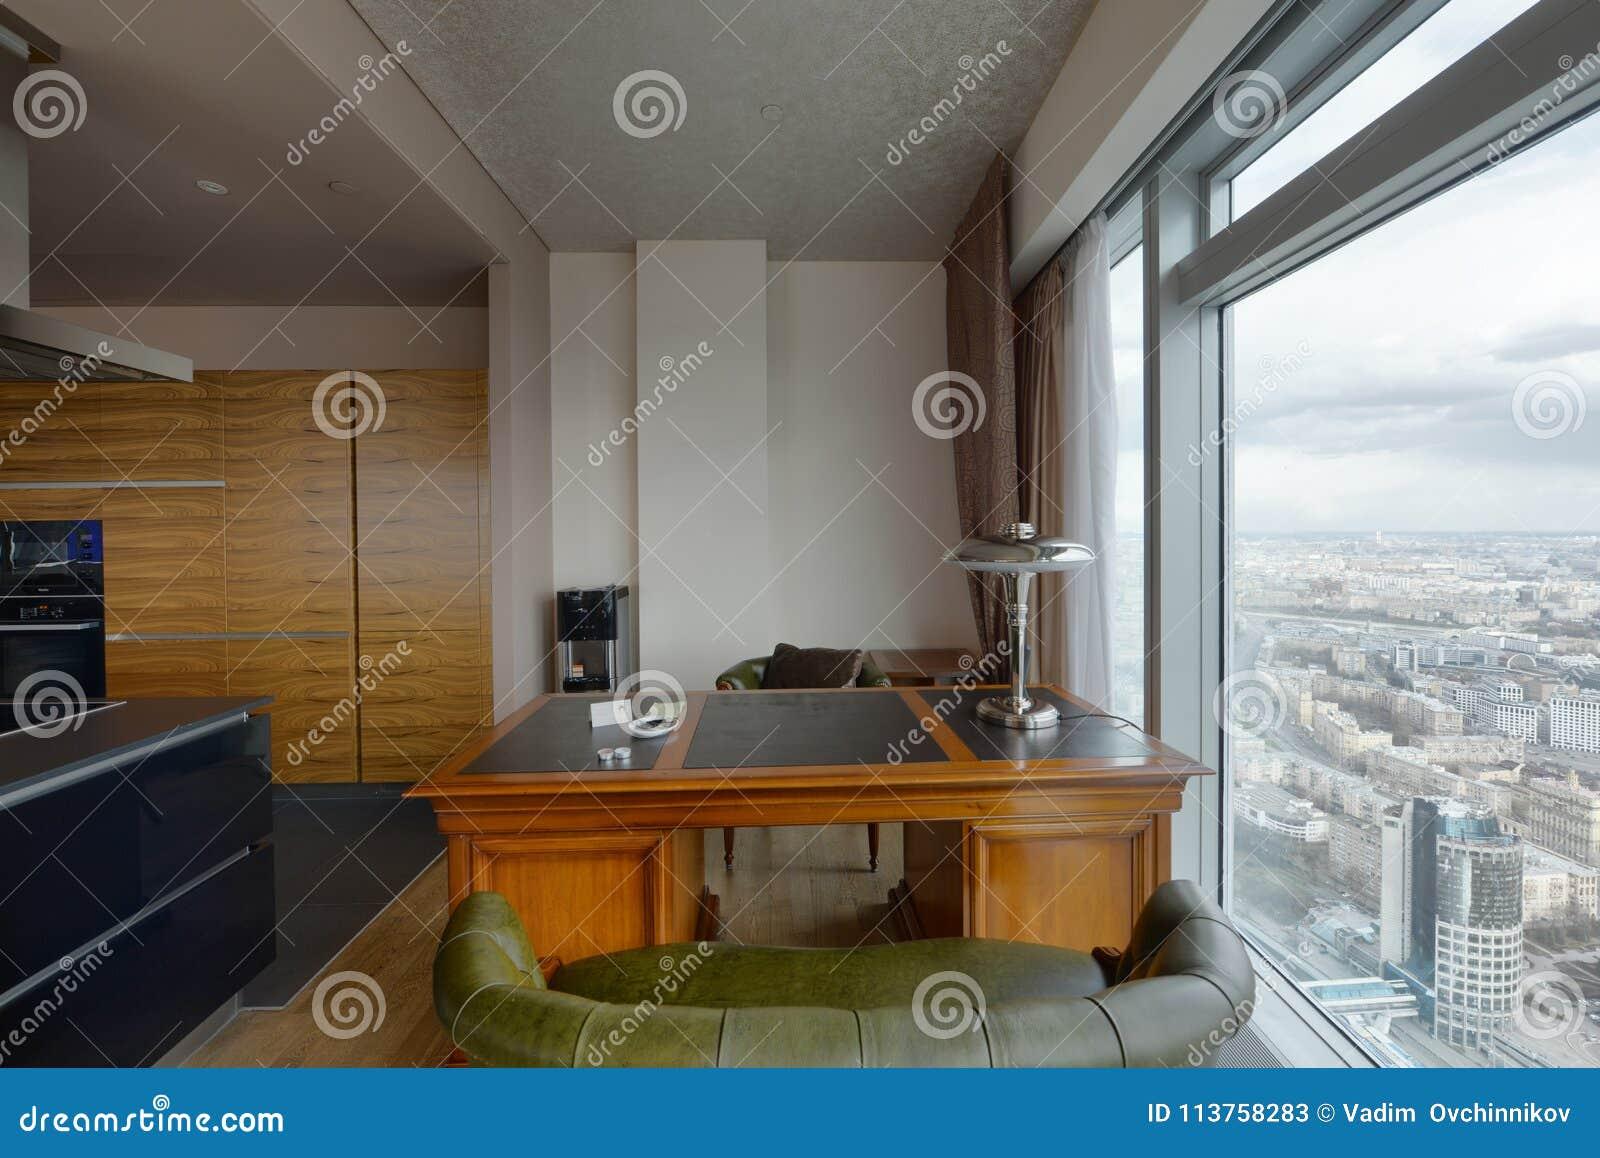 Interni Moderni Case Di Lusso : Interno moderno in una nuova casa di lusso con le finestre